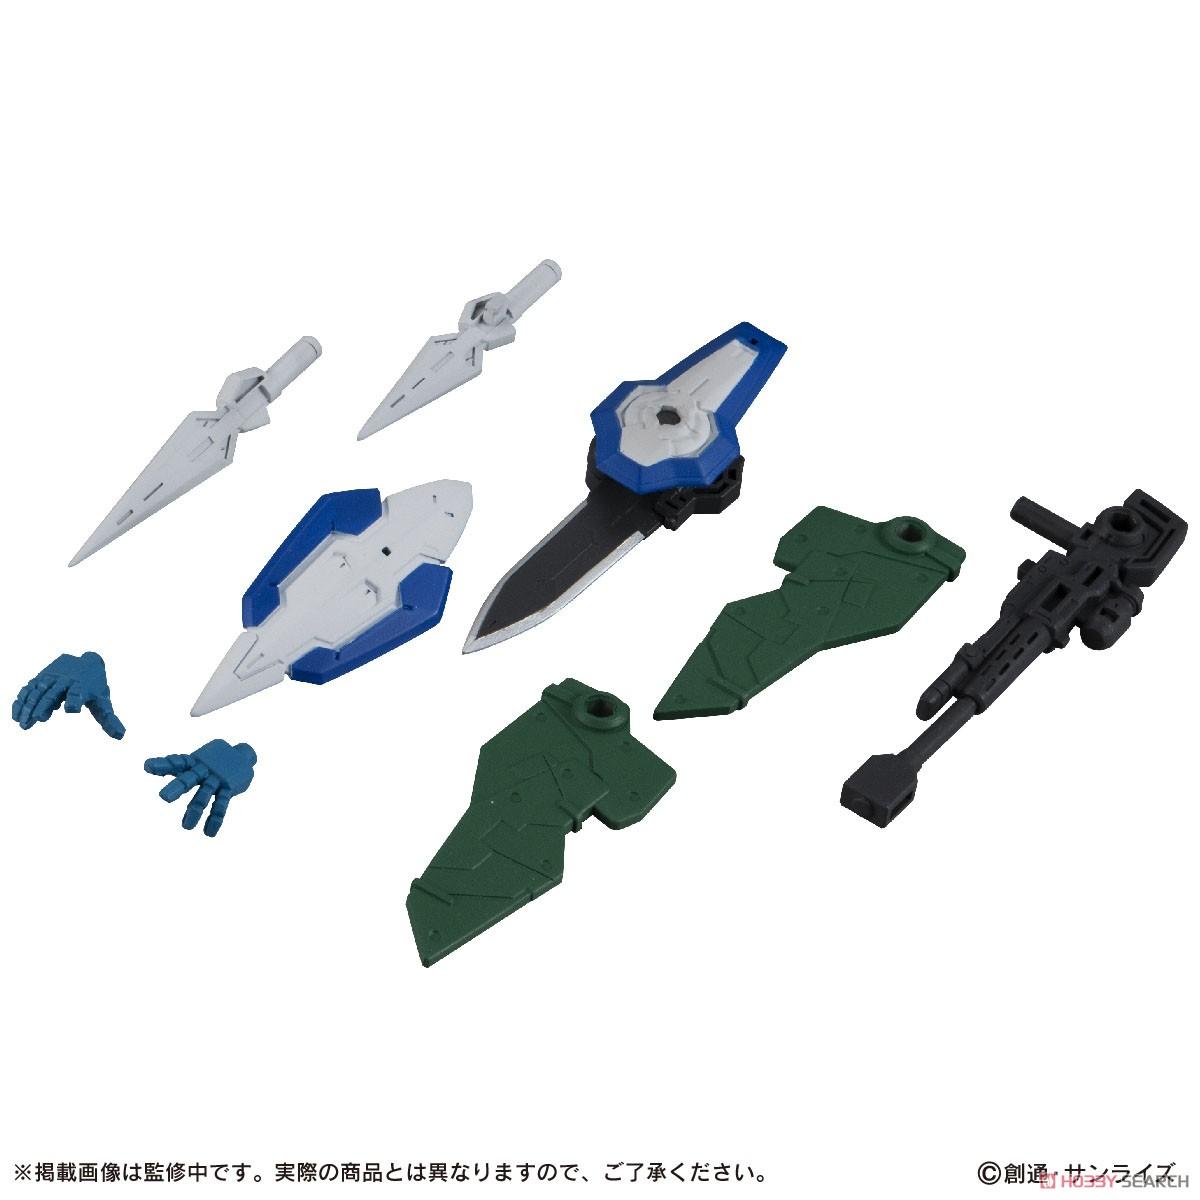 機動戦士ガンダム『MOBILE SUIT ENSEMBLE15』デフォルメフィギュア 10個入りBOX-005